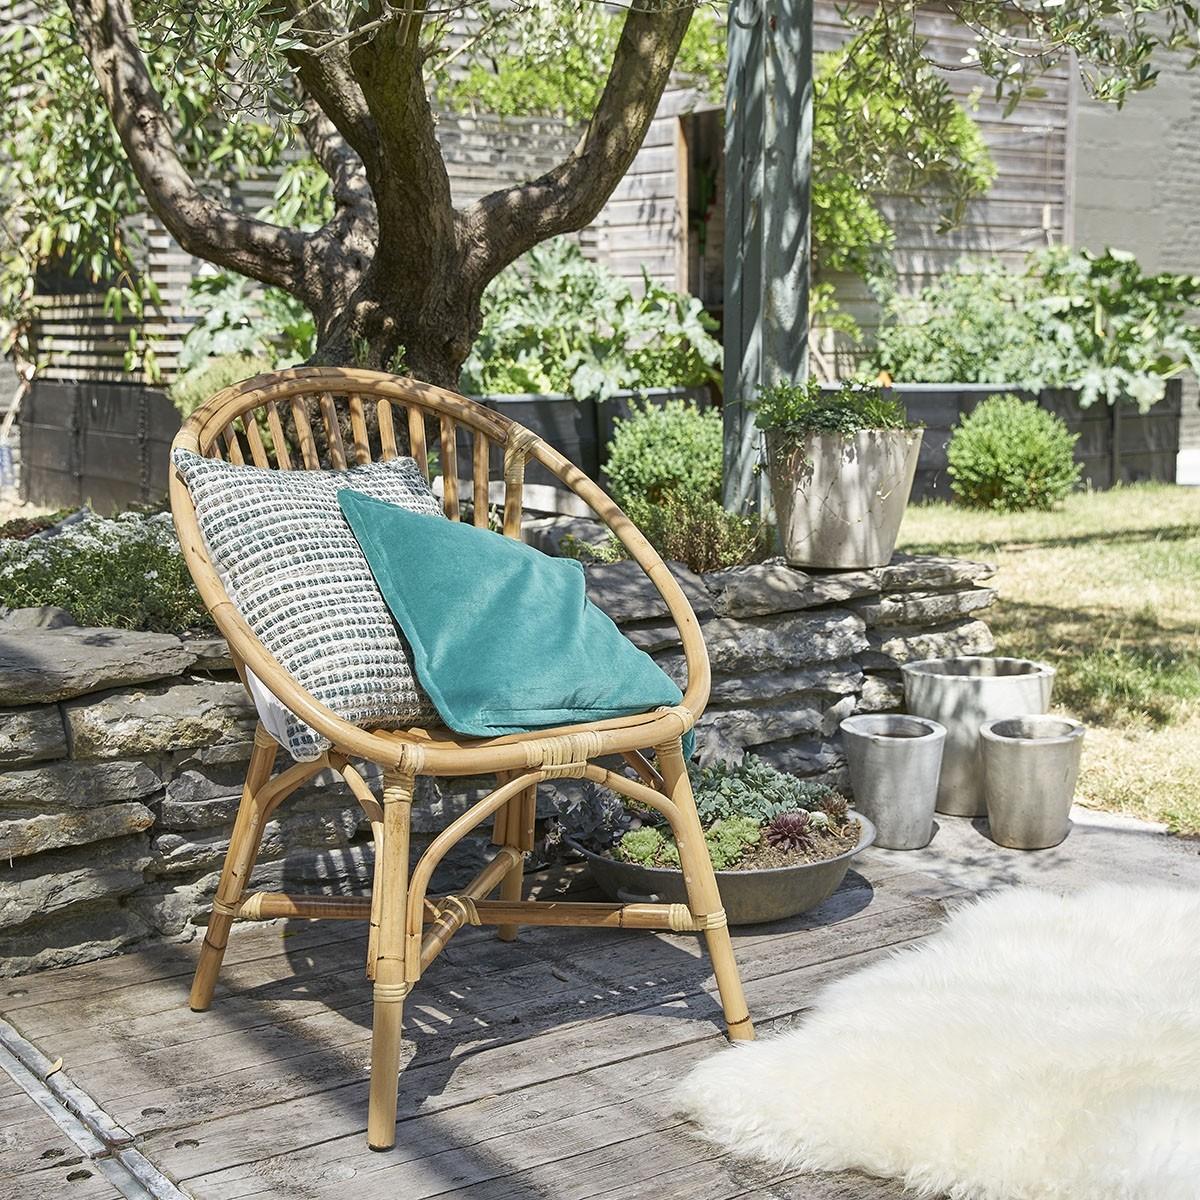 lot de 2 fauteuils en rotin vintage bois dessus bois dessous. Black Bedroom Furniture Sets. Home Design Ideas